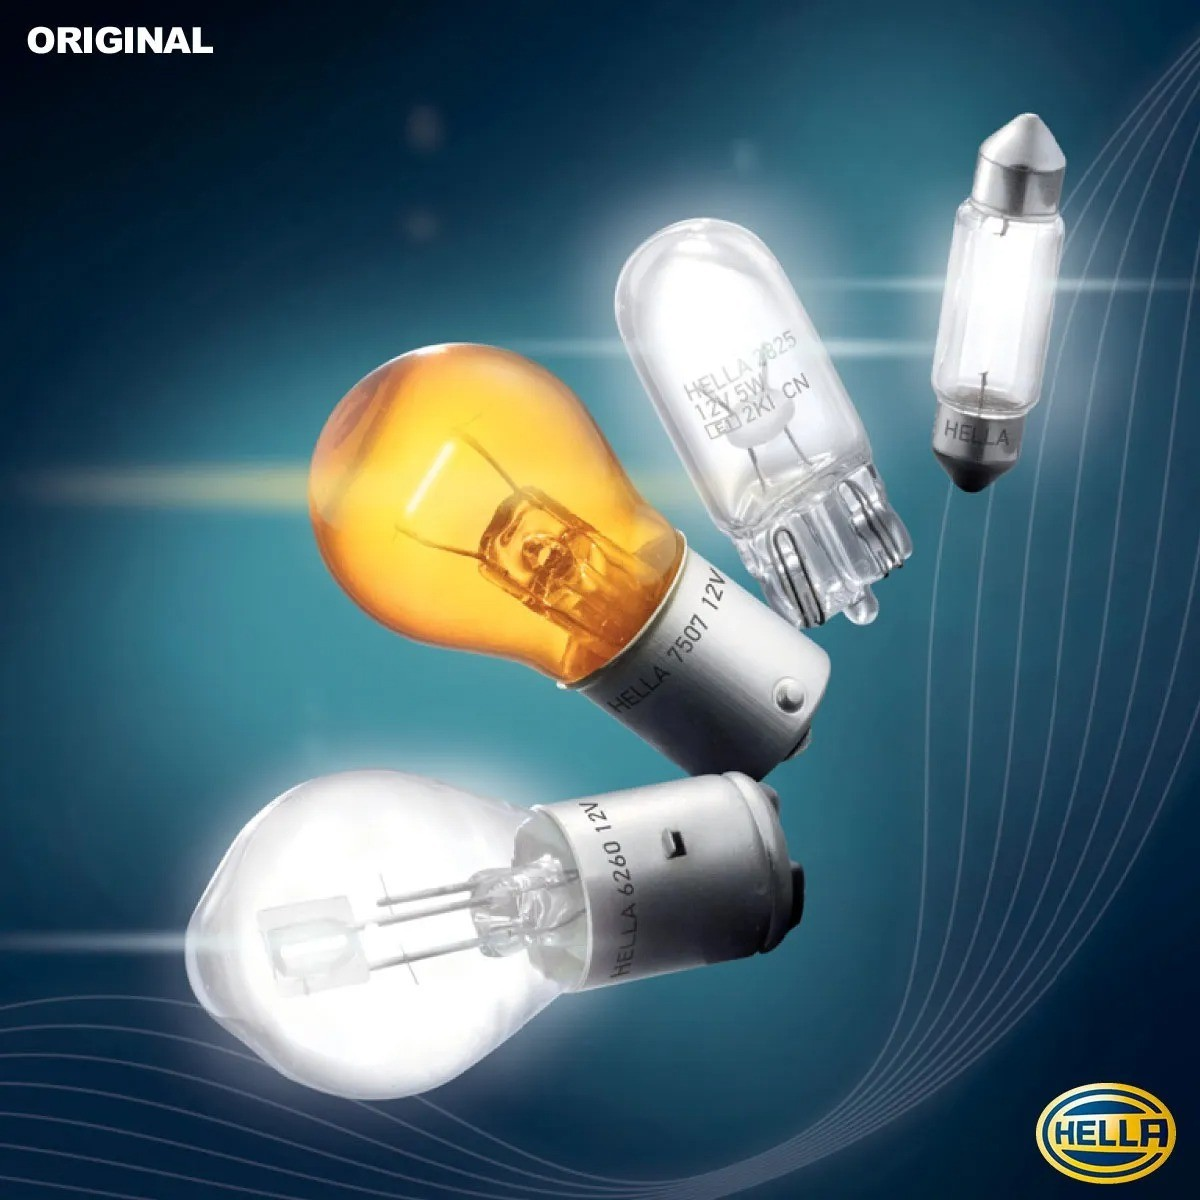 LAMPADA CONVENCIONAL 12V 27W BASE PLASTICA 1 POLO UNIVERSAL HELLA PLASTICO